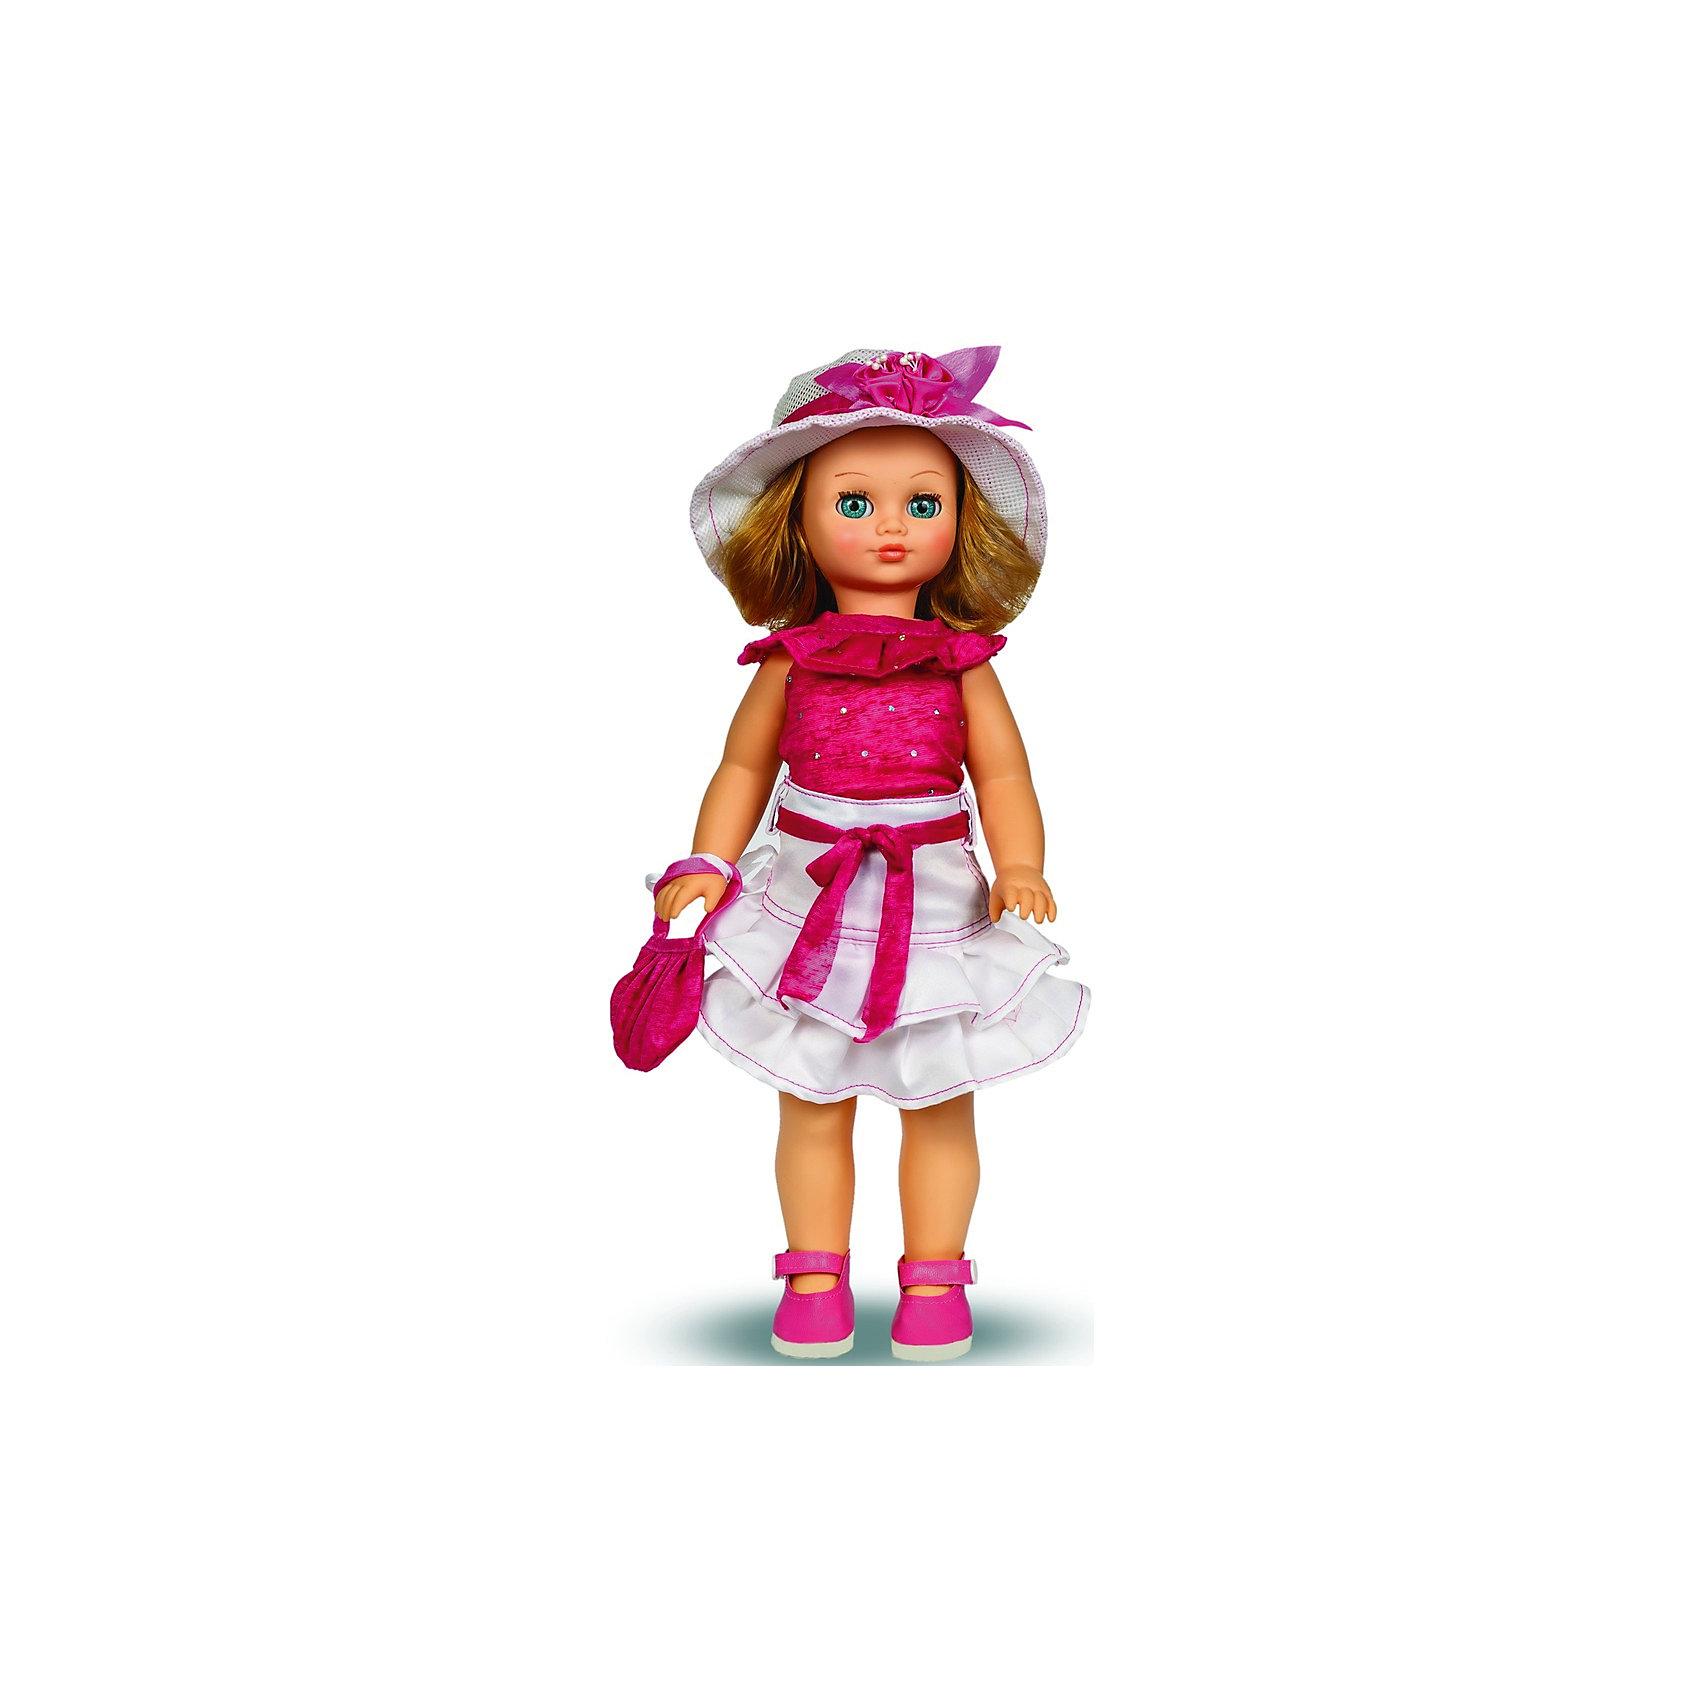 Кукла Лиза, со звуком, 42 см, ВеснаКлассические куклы<br>Эта очаровательная белокурая красавица покорит сердце любой девочки! Куколка одета в розовый топ с оригинальным воротником, пышную белую юбку с оборками и ярким поясом в тон топу. На ногах - розовые туфельки. Кукла оснащена звуковым модулем, она умеет произносить фразы и предложения, которые не только порадуют девочку, но и помогут ей расширить свой словарный запас, откроют возможности для различных игровых сюжетов. Игрушка выполнена из высококачественных нетоксичных материалов абсолютно безопасных для детей.<br><br>Дополнительная информация:<br><br>- Материал: пластизол, пластик, текстиль.<br>- Размер: 42 см.<br>- Комплектация: кукла в одежде и обуви. <br>- Фразы и предложения: Привет! Давай потанцуем;  Я люблю музыку; Возьми меня за ручки; Покружись со мной; Как здорово!; А сейчас спой мне песенку; А другую песенку…; <br>Мне очень нравится!.<br>- Голова, руки, ноги подвижные.<br>- Глаза могут закрываться. <br><br>Куклу Лизу, со звуком, 42см, Весна, можно купить в нашем магазине.<br><br>Ширина мм: 210<br>Глубина мм: 130<br>Высота мм: 430<br>Вес г: 420<br>Возраст от месяцев: 36<br>Возраст до месяцев: 120<br>Пол: Женский<br>Возраст: Детский<br>SKU: 4595140